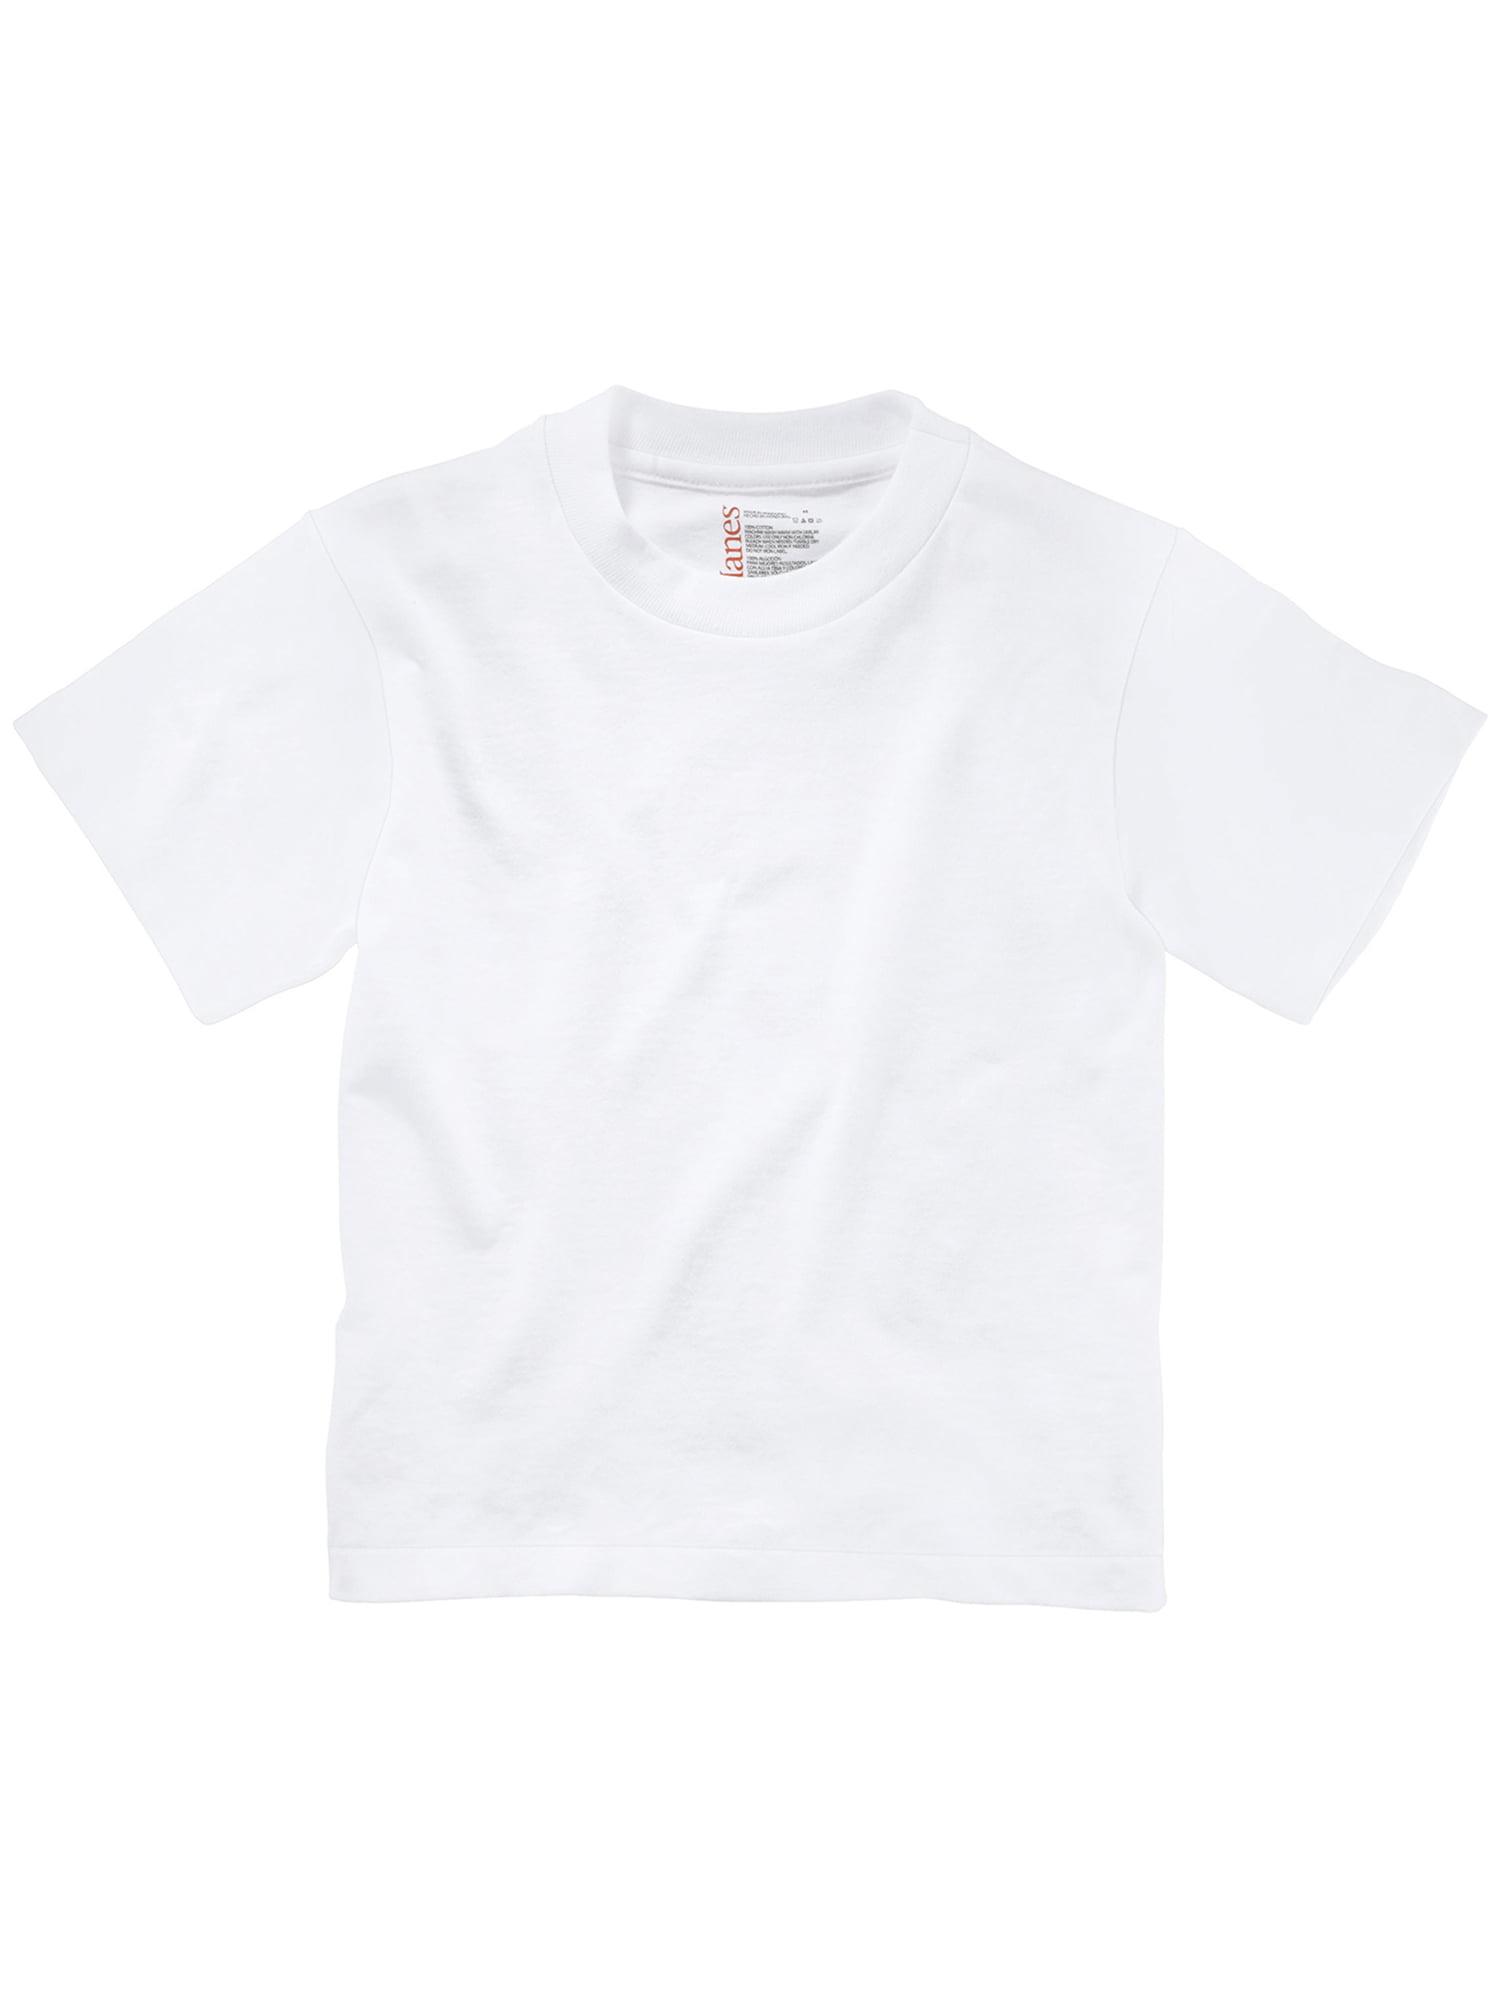 4T Girls Cat and Plain White T Shirt